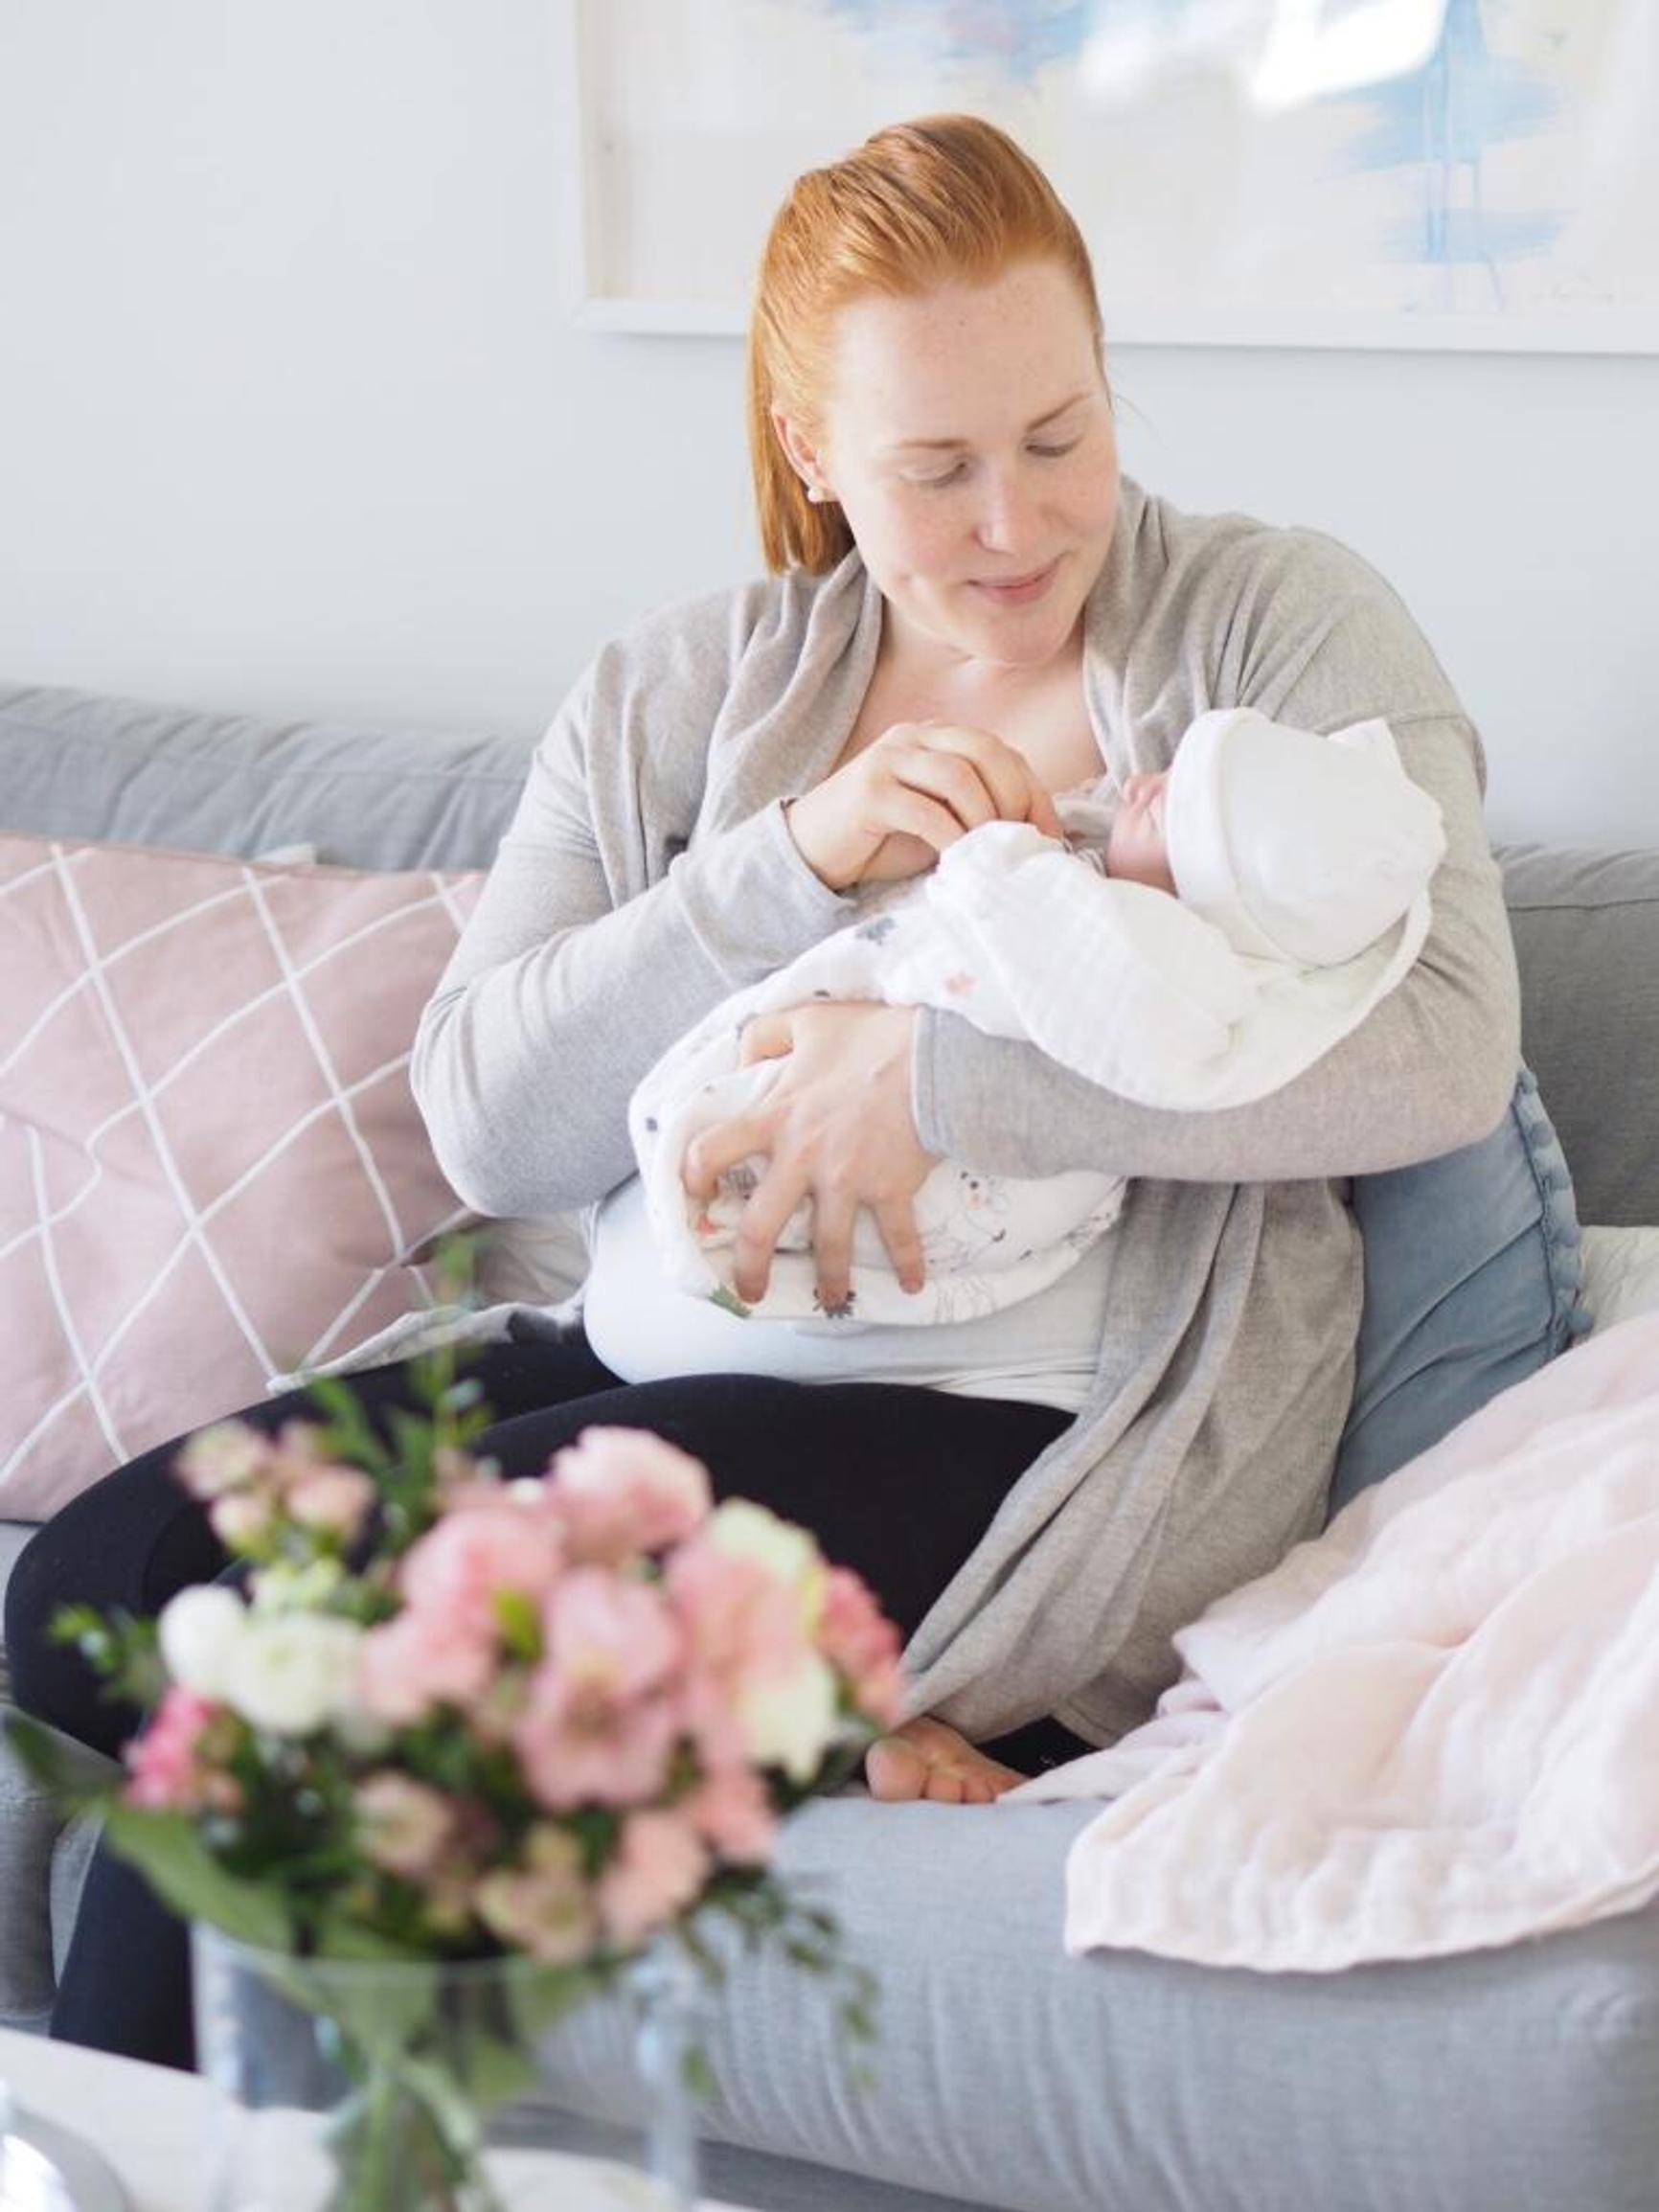 Vauvan Pakkasraja